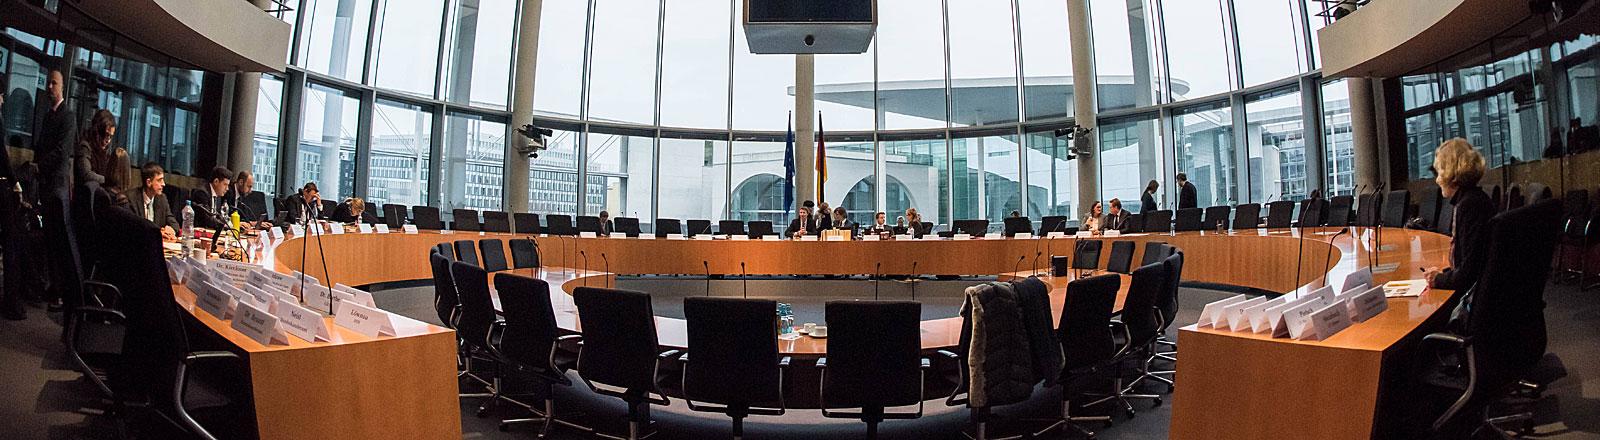 NSA-Untersuchungsausschuss in Berlin